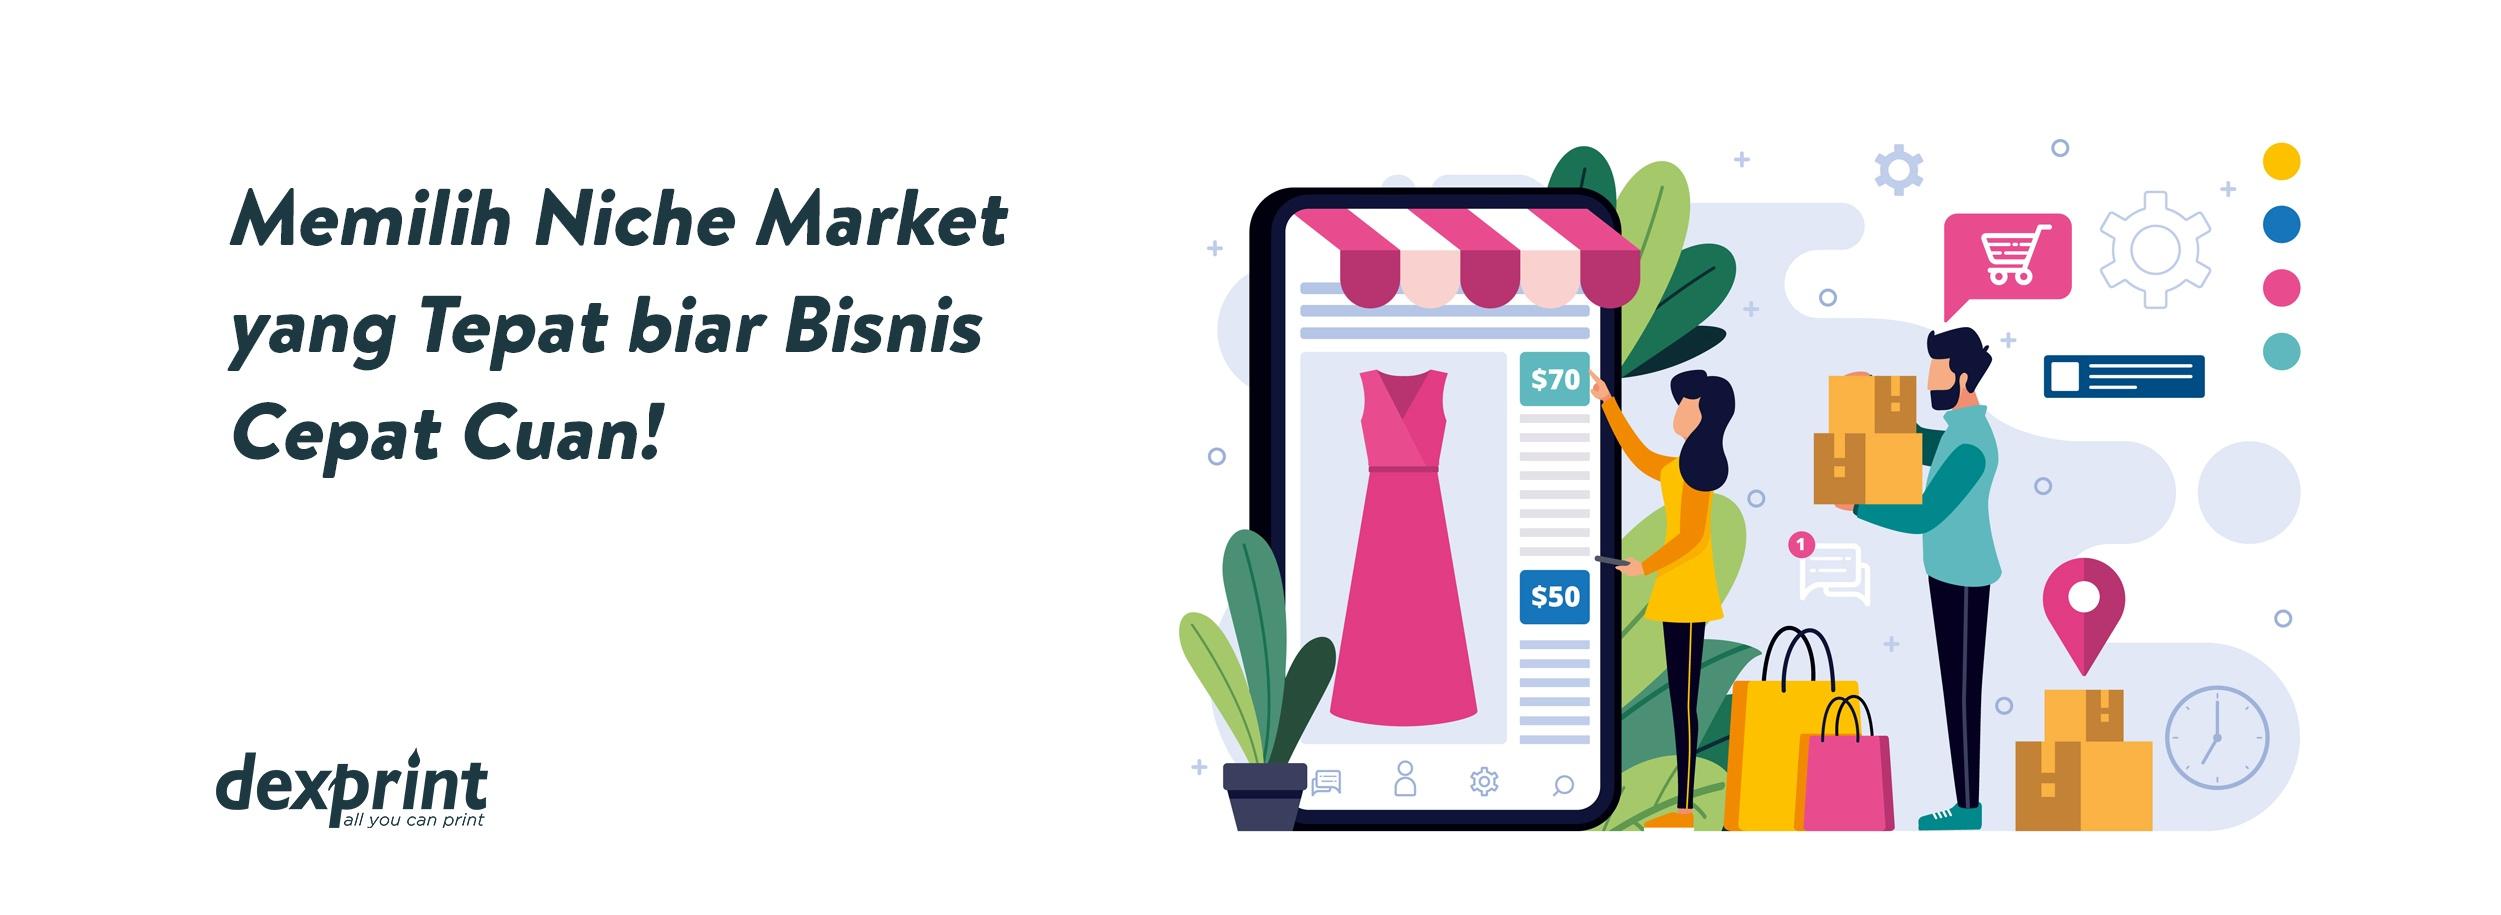 Cara Memilih Niche Market yang Tepat untuk Bisnis Online ...